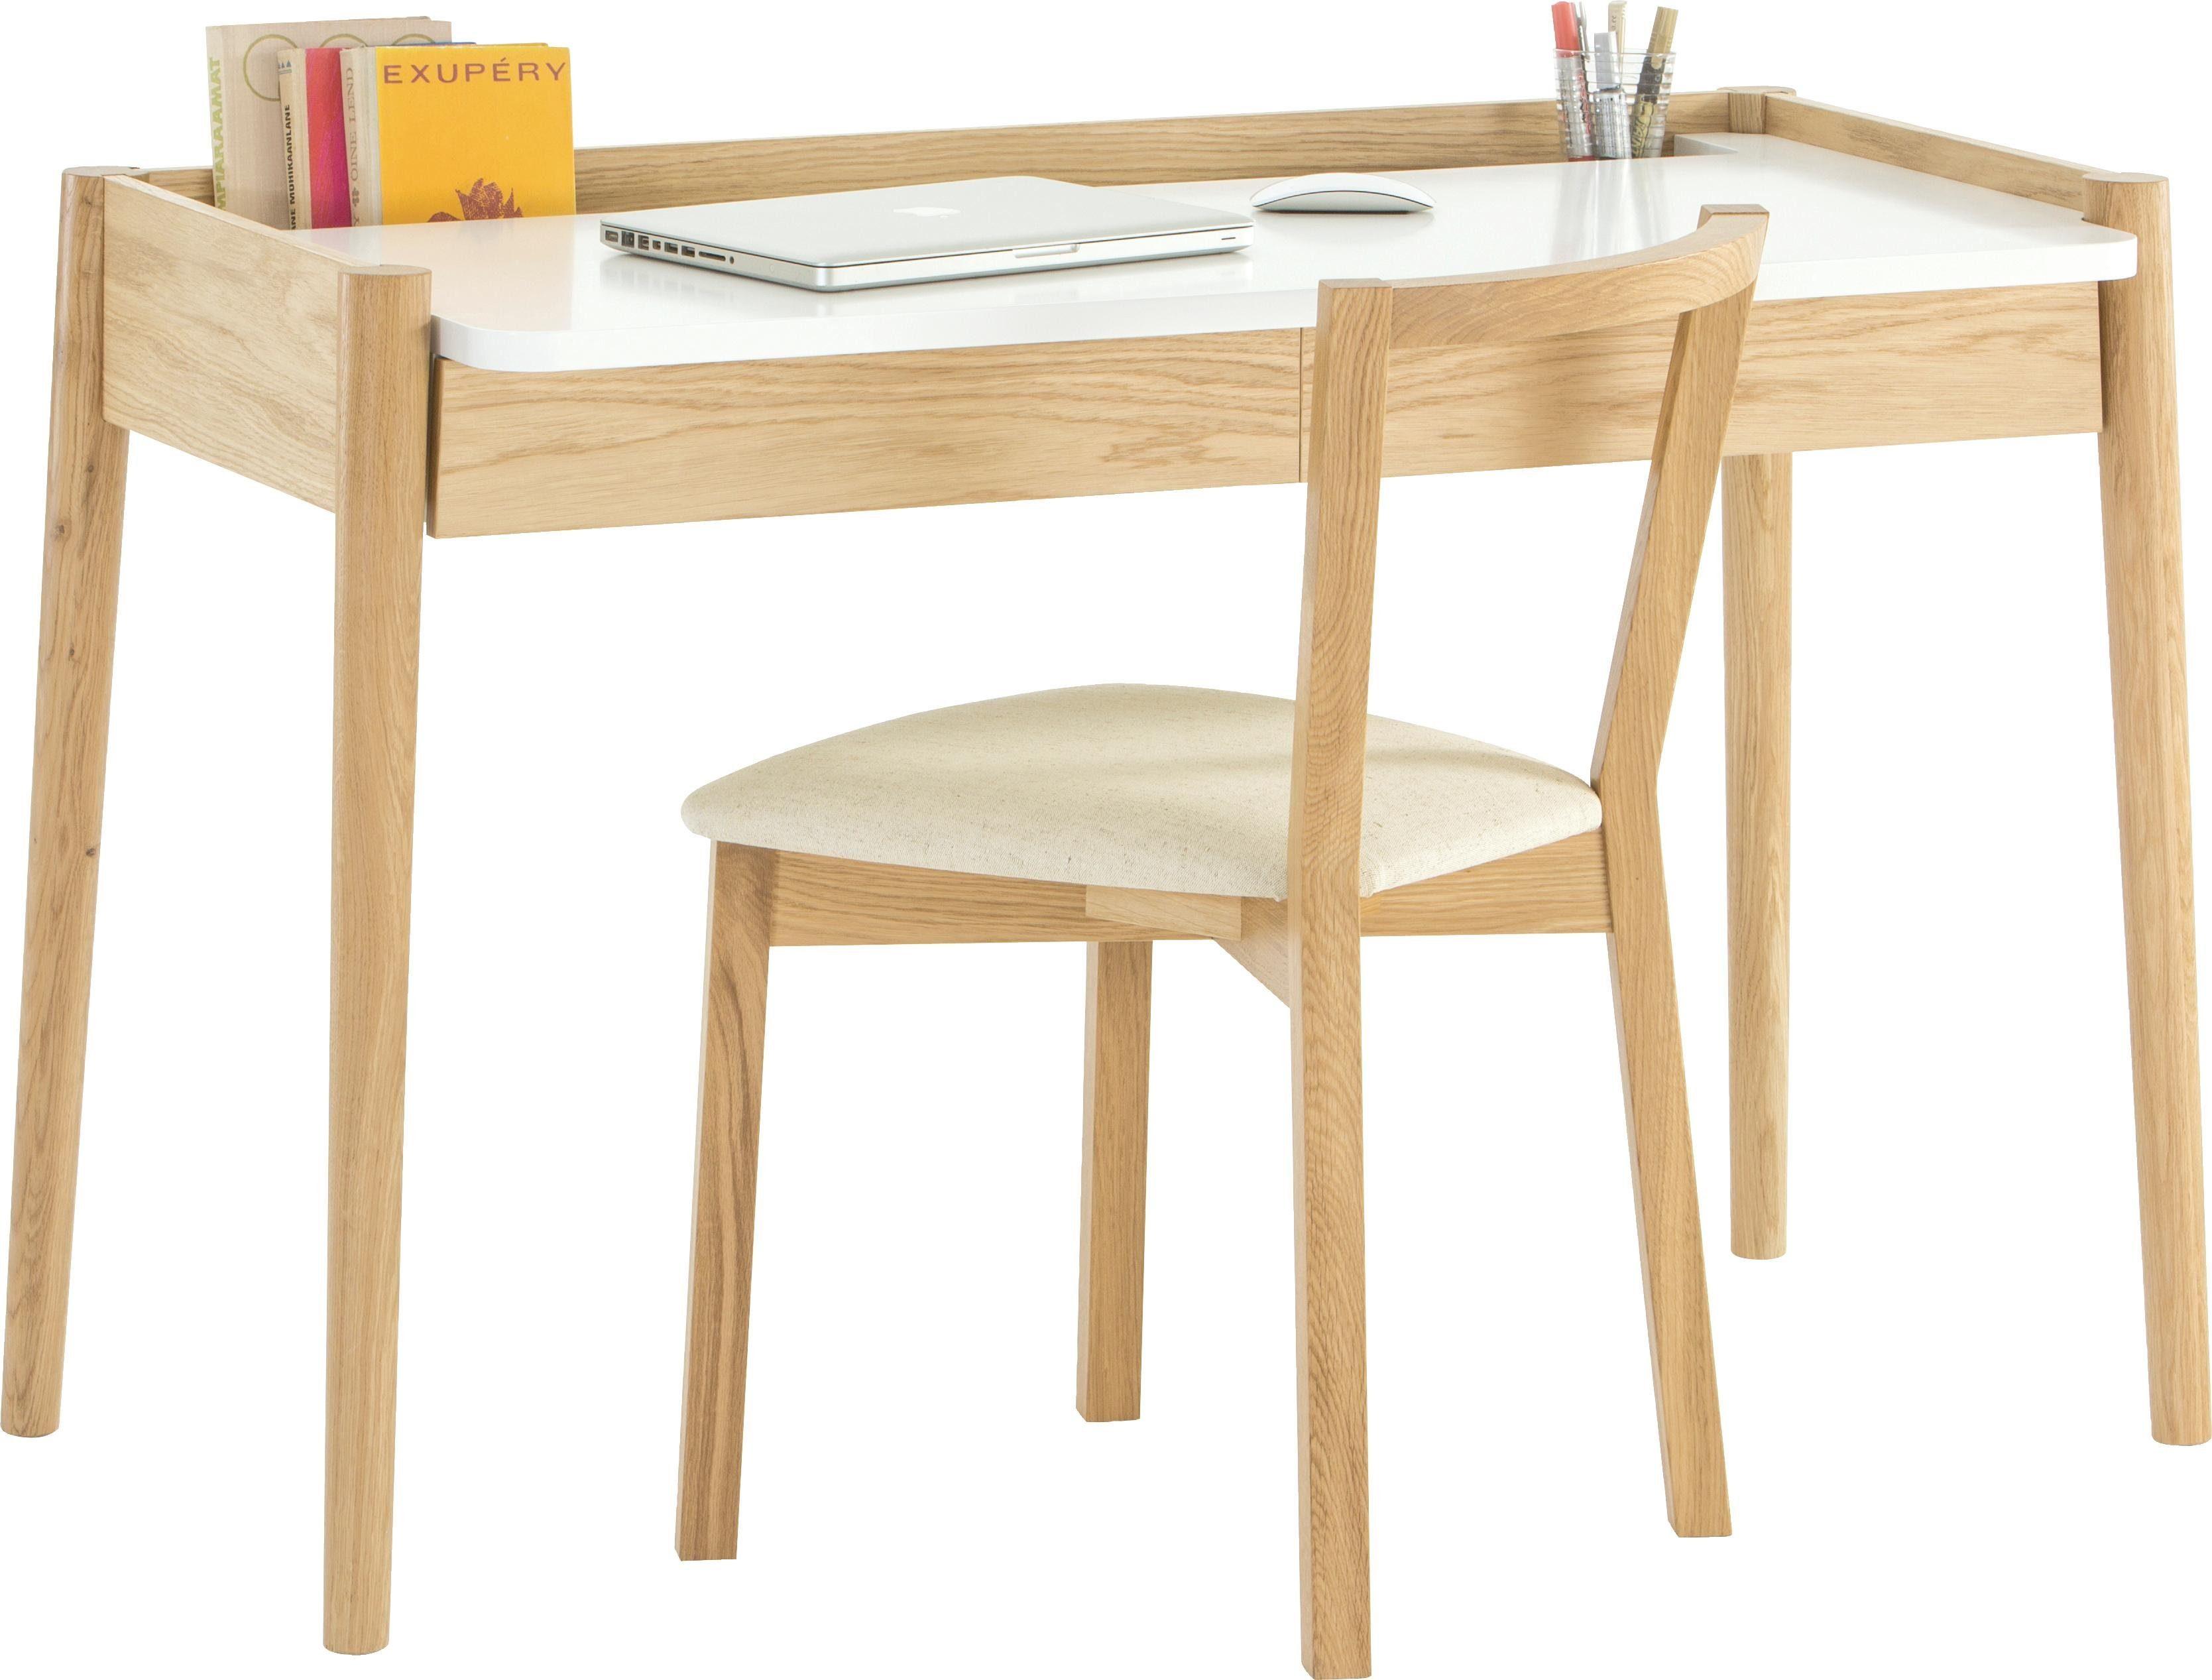 Woodman Schreibtisch »Feldbach« im schlichten skandinavischen Design